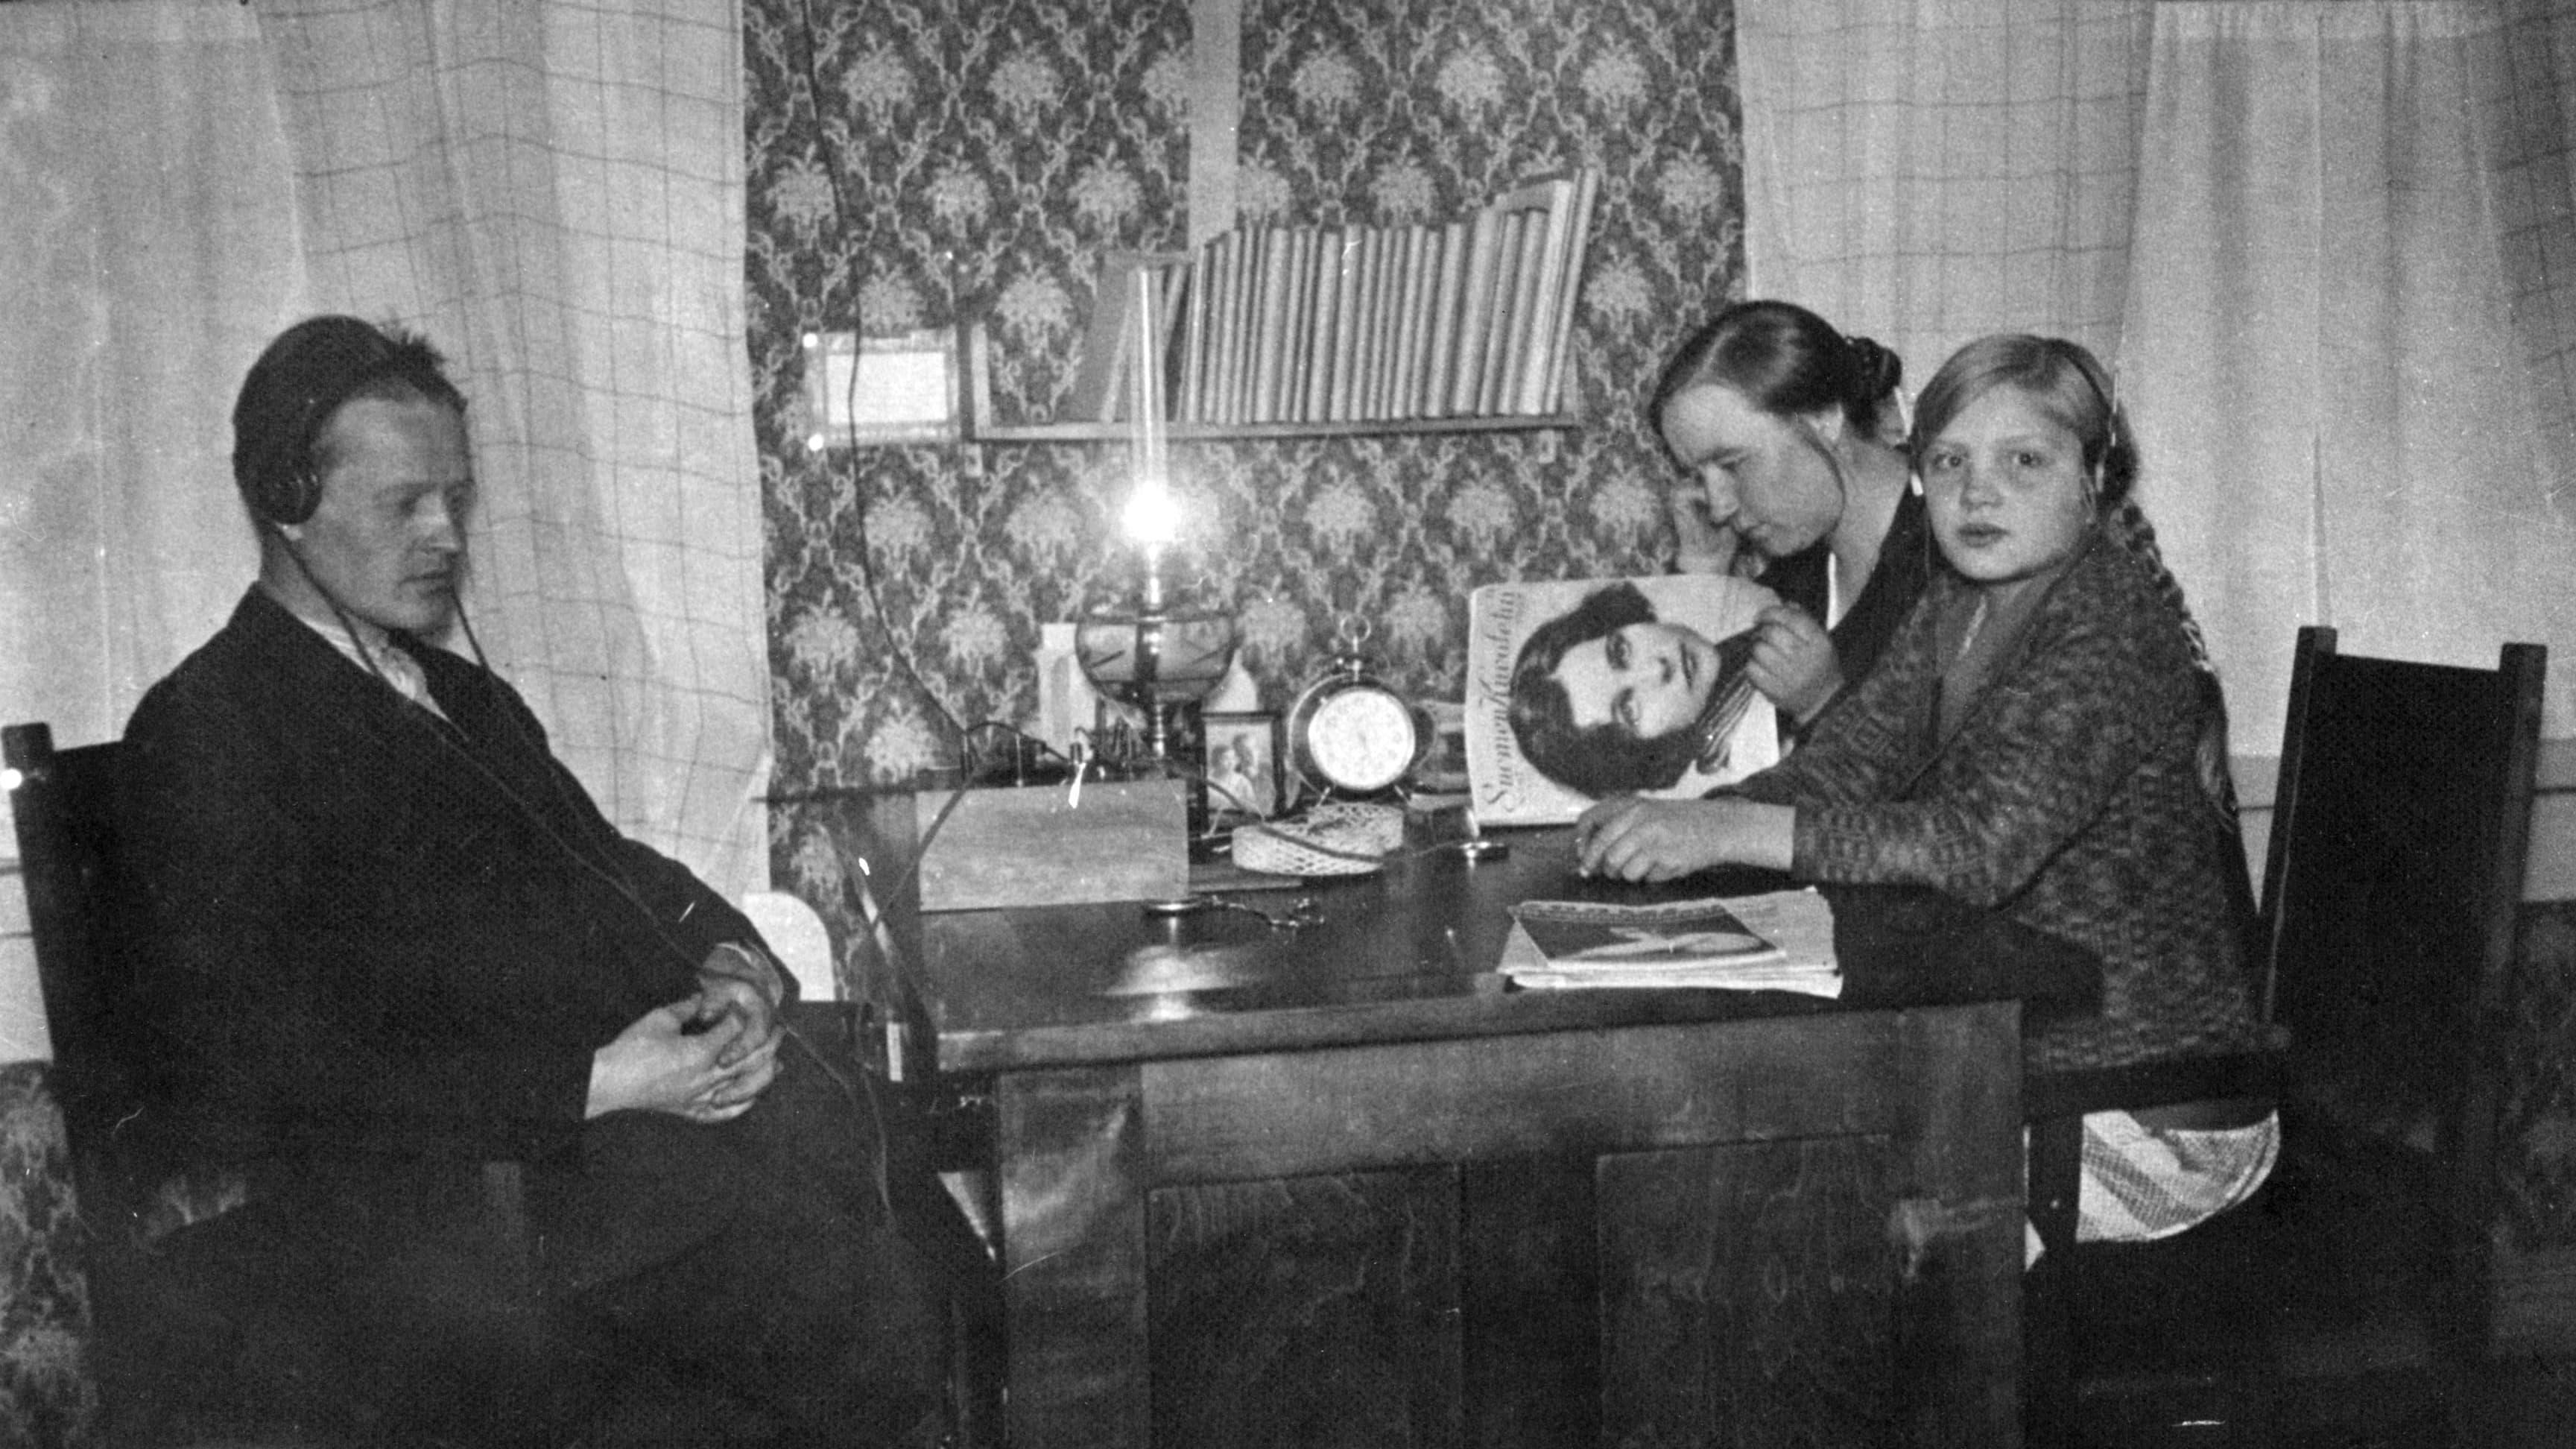 Lampaluodon ensimmäinen radio (kidekone). Radiota kuunnellaan saaristossa pöydän ääressä. Mies, tyttö ja lehteä lukeva nainen.